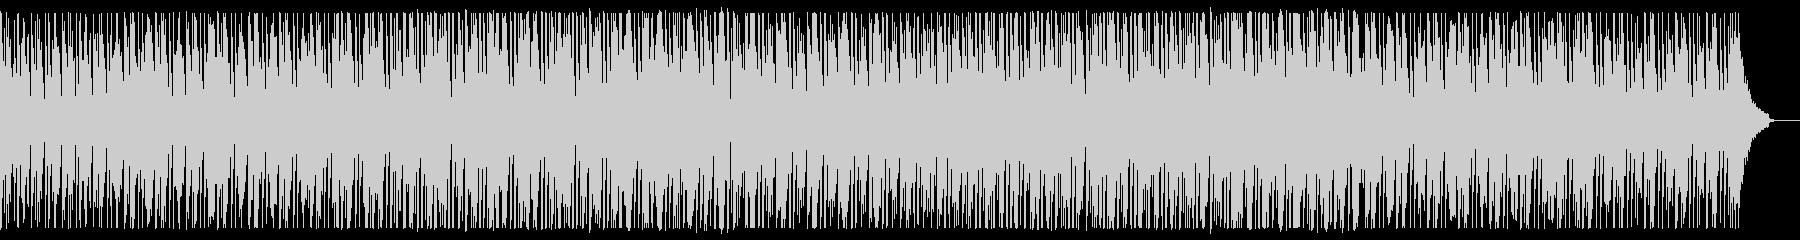 クリーンで落ち着いた説明向けのBGMの未再生の波形